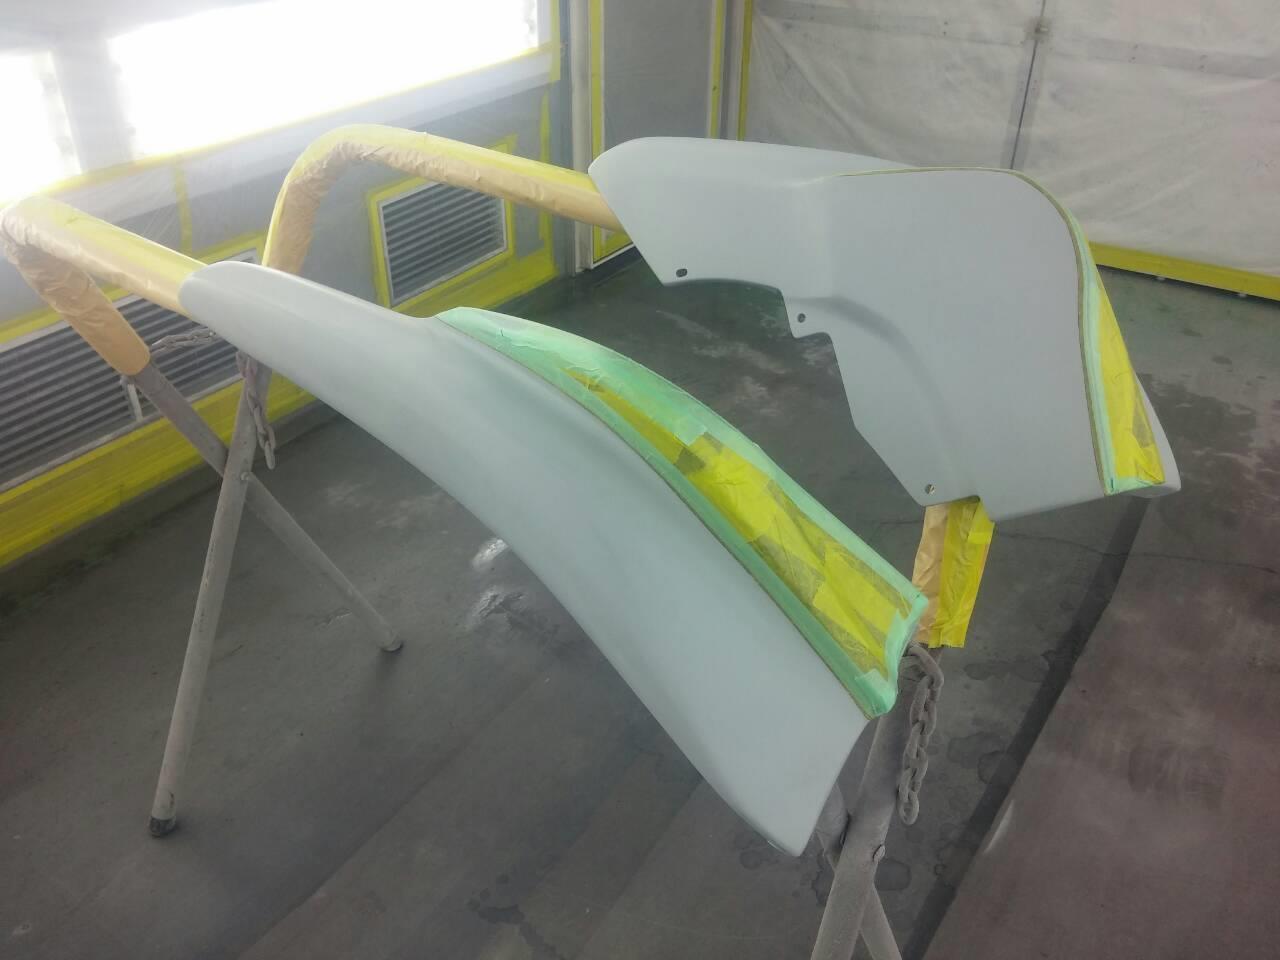 東京都立川市の車の板金塗装修理工場 ガレージローライドのスズキ スイフトのエアロパーツ 塗装 取付 です。